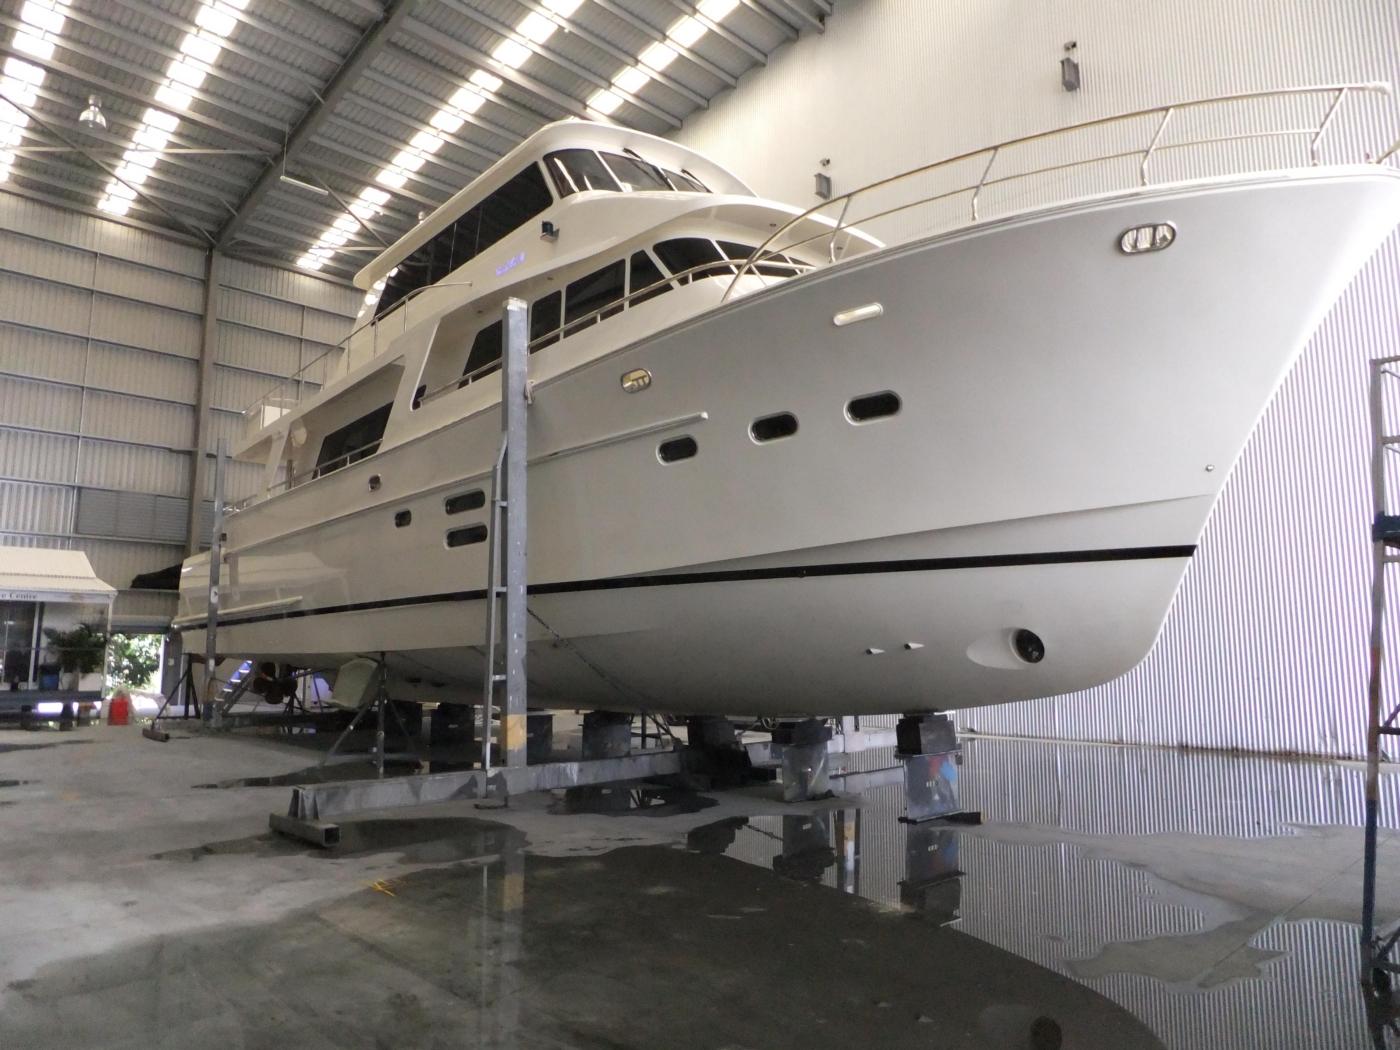 2011 Hampton 75 Endurance LRC, Pre-launch